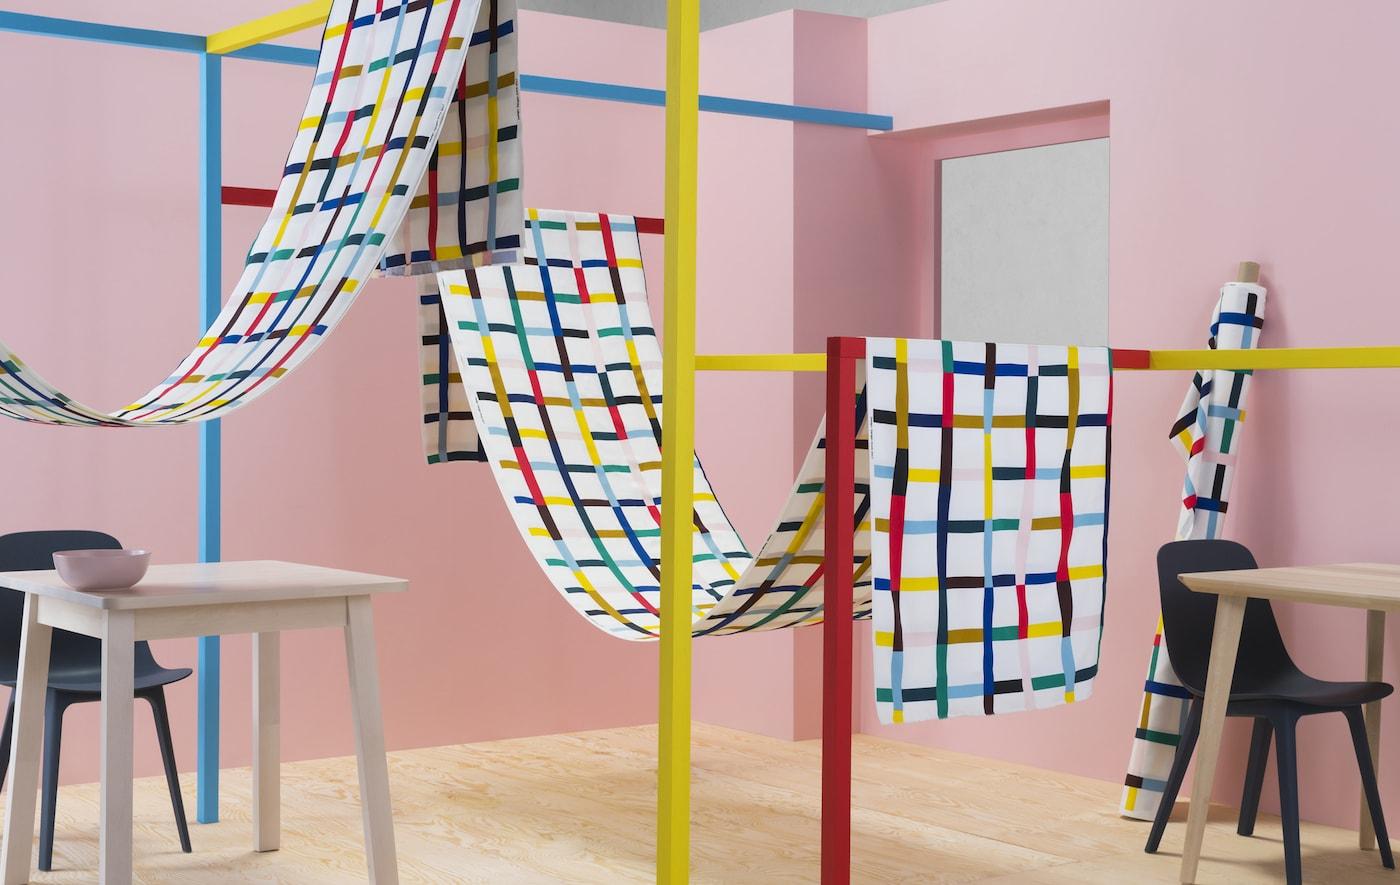 Telas con estampado multicolor colgadas en estructuras coloridas en una habitación rosa.